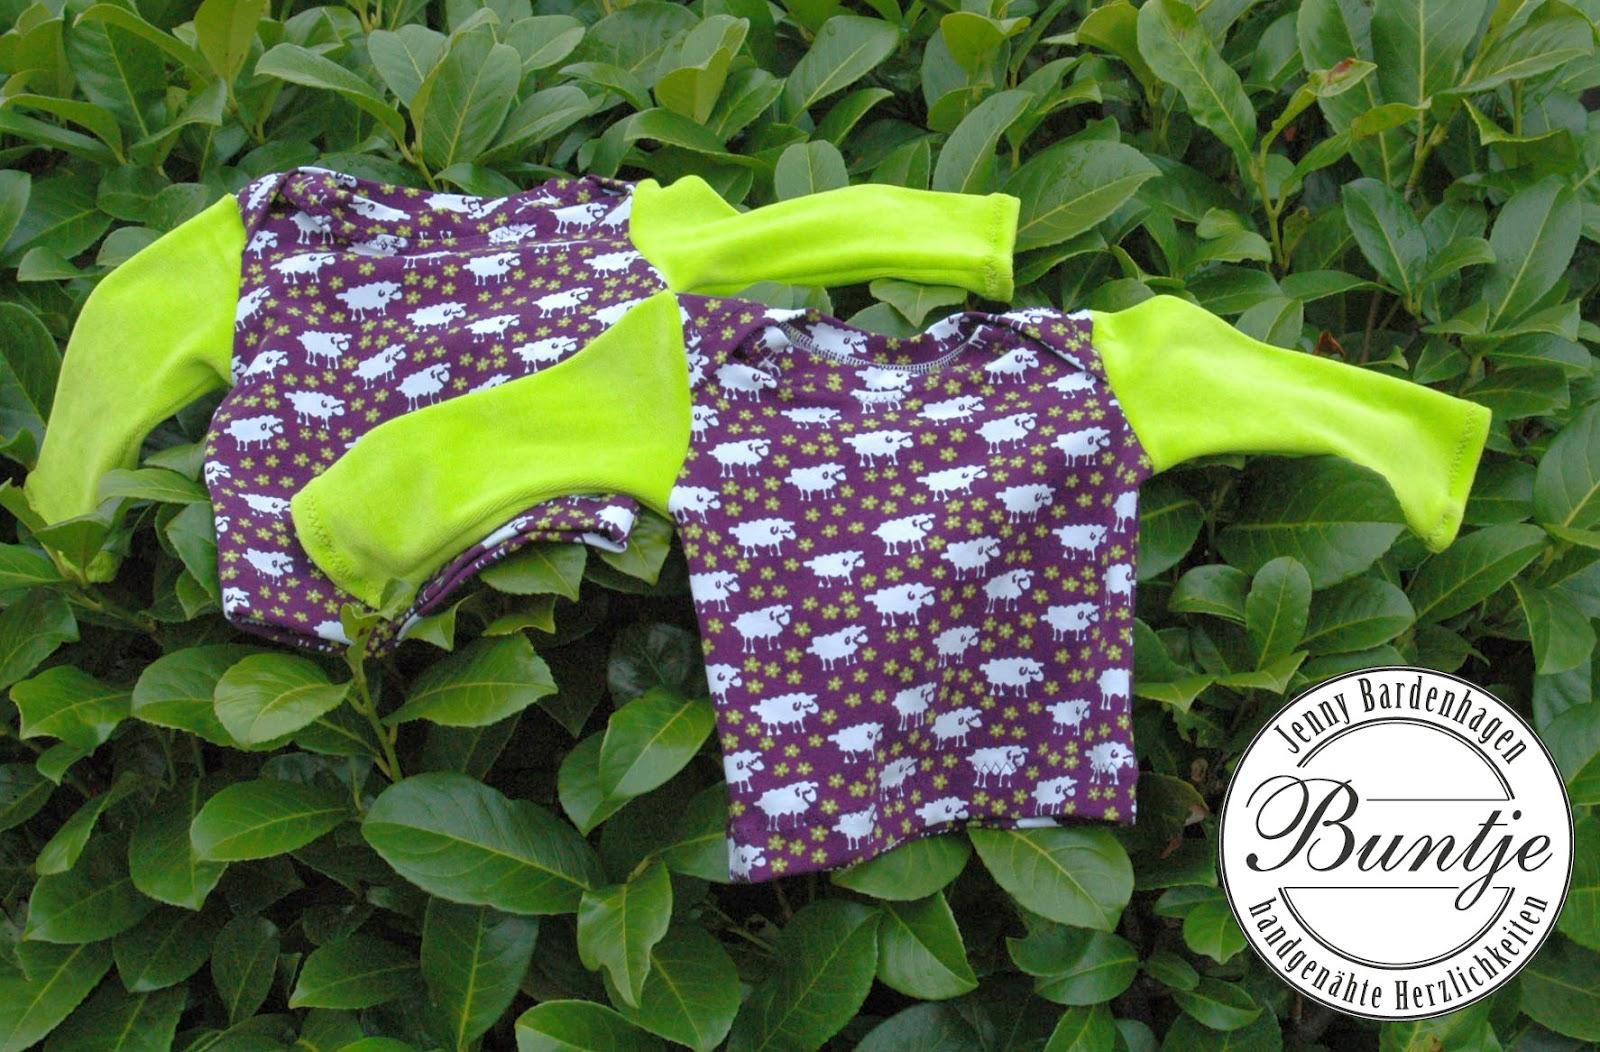 Shirt T-Shirt Pullover Baby Mädchen Nicky Kombination Jersey lila grün Schafe amerikanischer Ausschnitt Farbenmix Zwergenverpackung Baumwolle handmade nähen Buntje